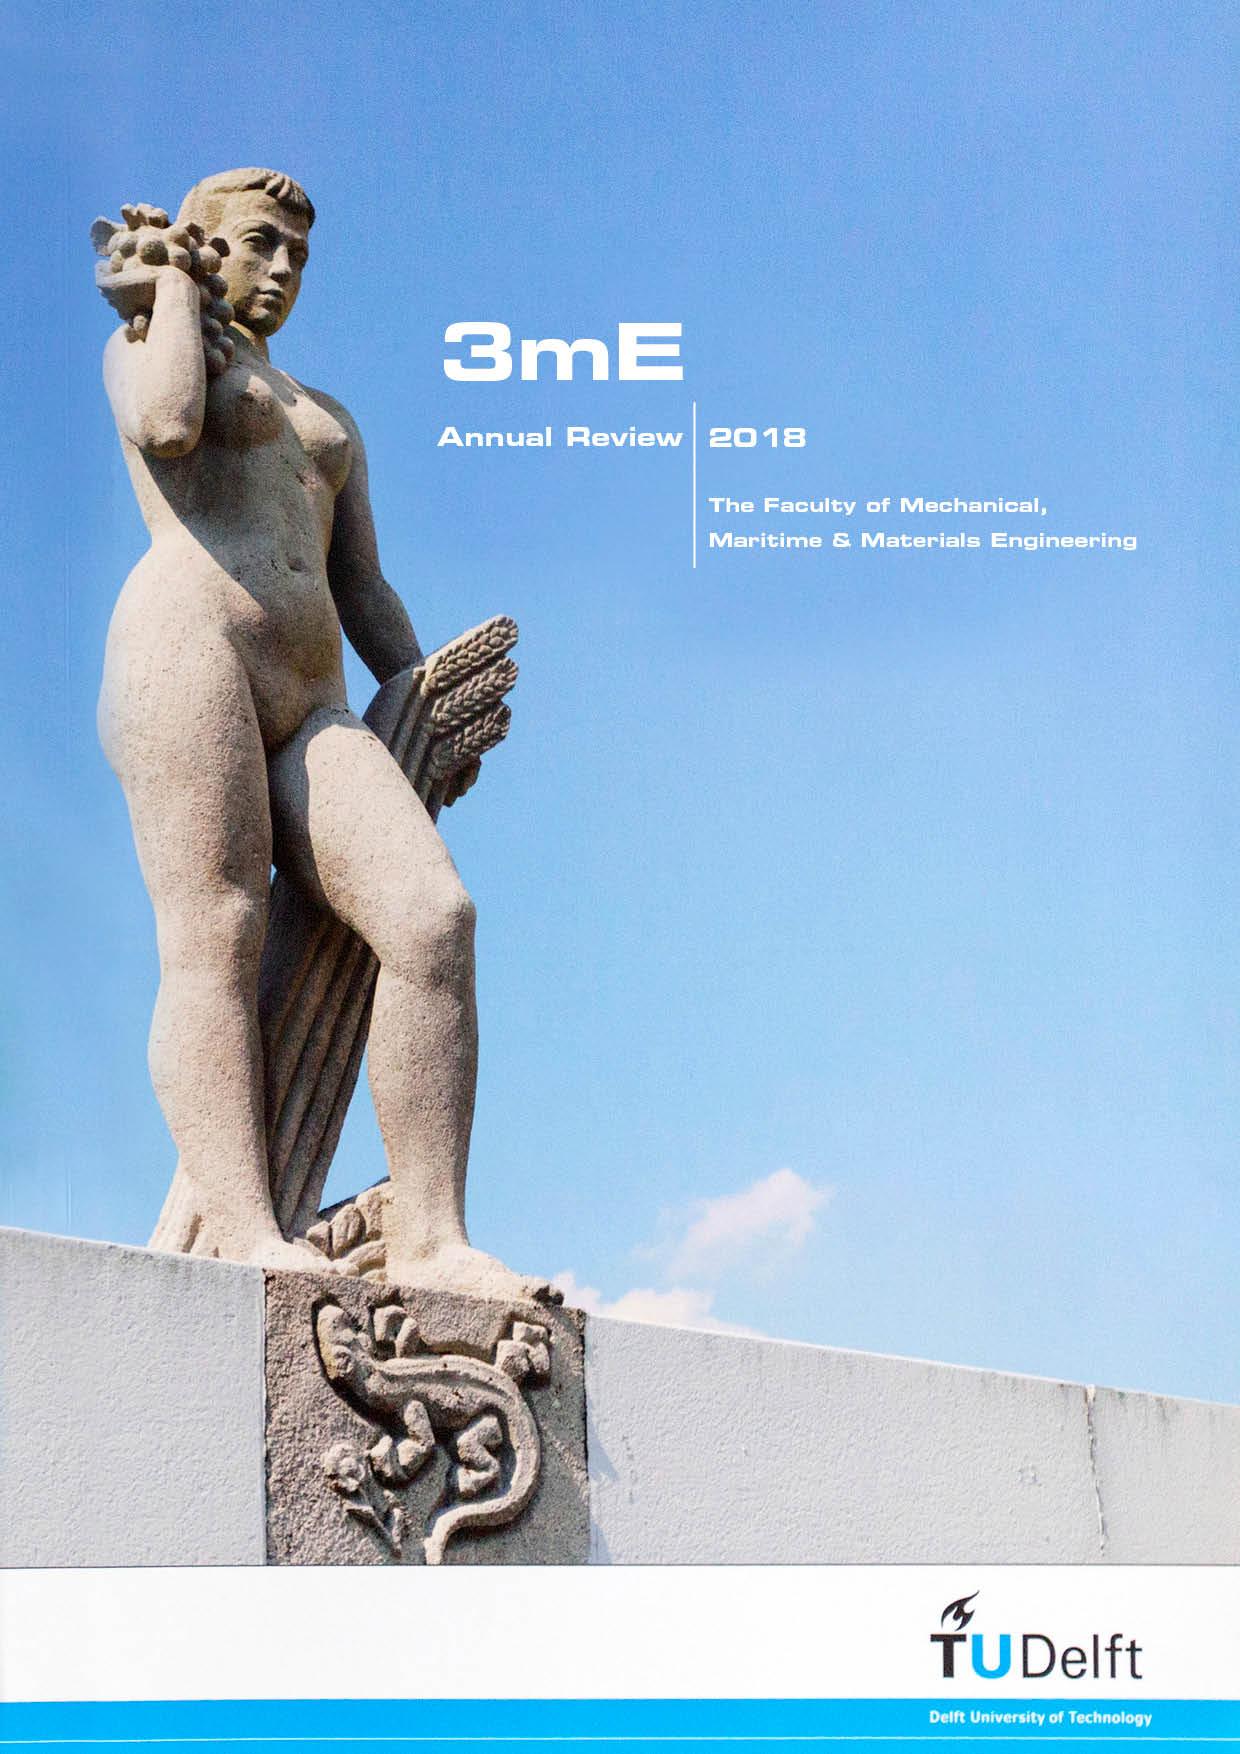 Onderwijs - • brochures• jaarverslagen• beursstands• design   fotografie   illustraties